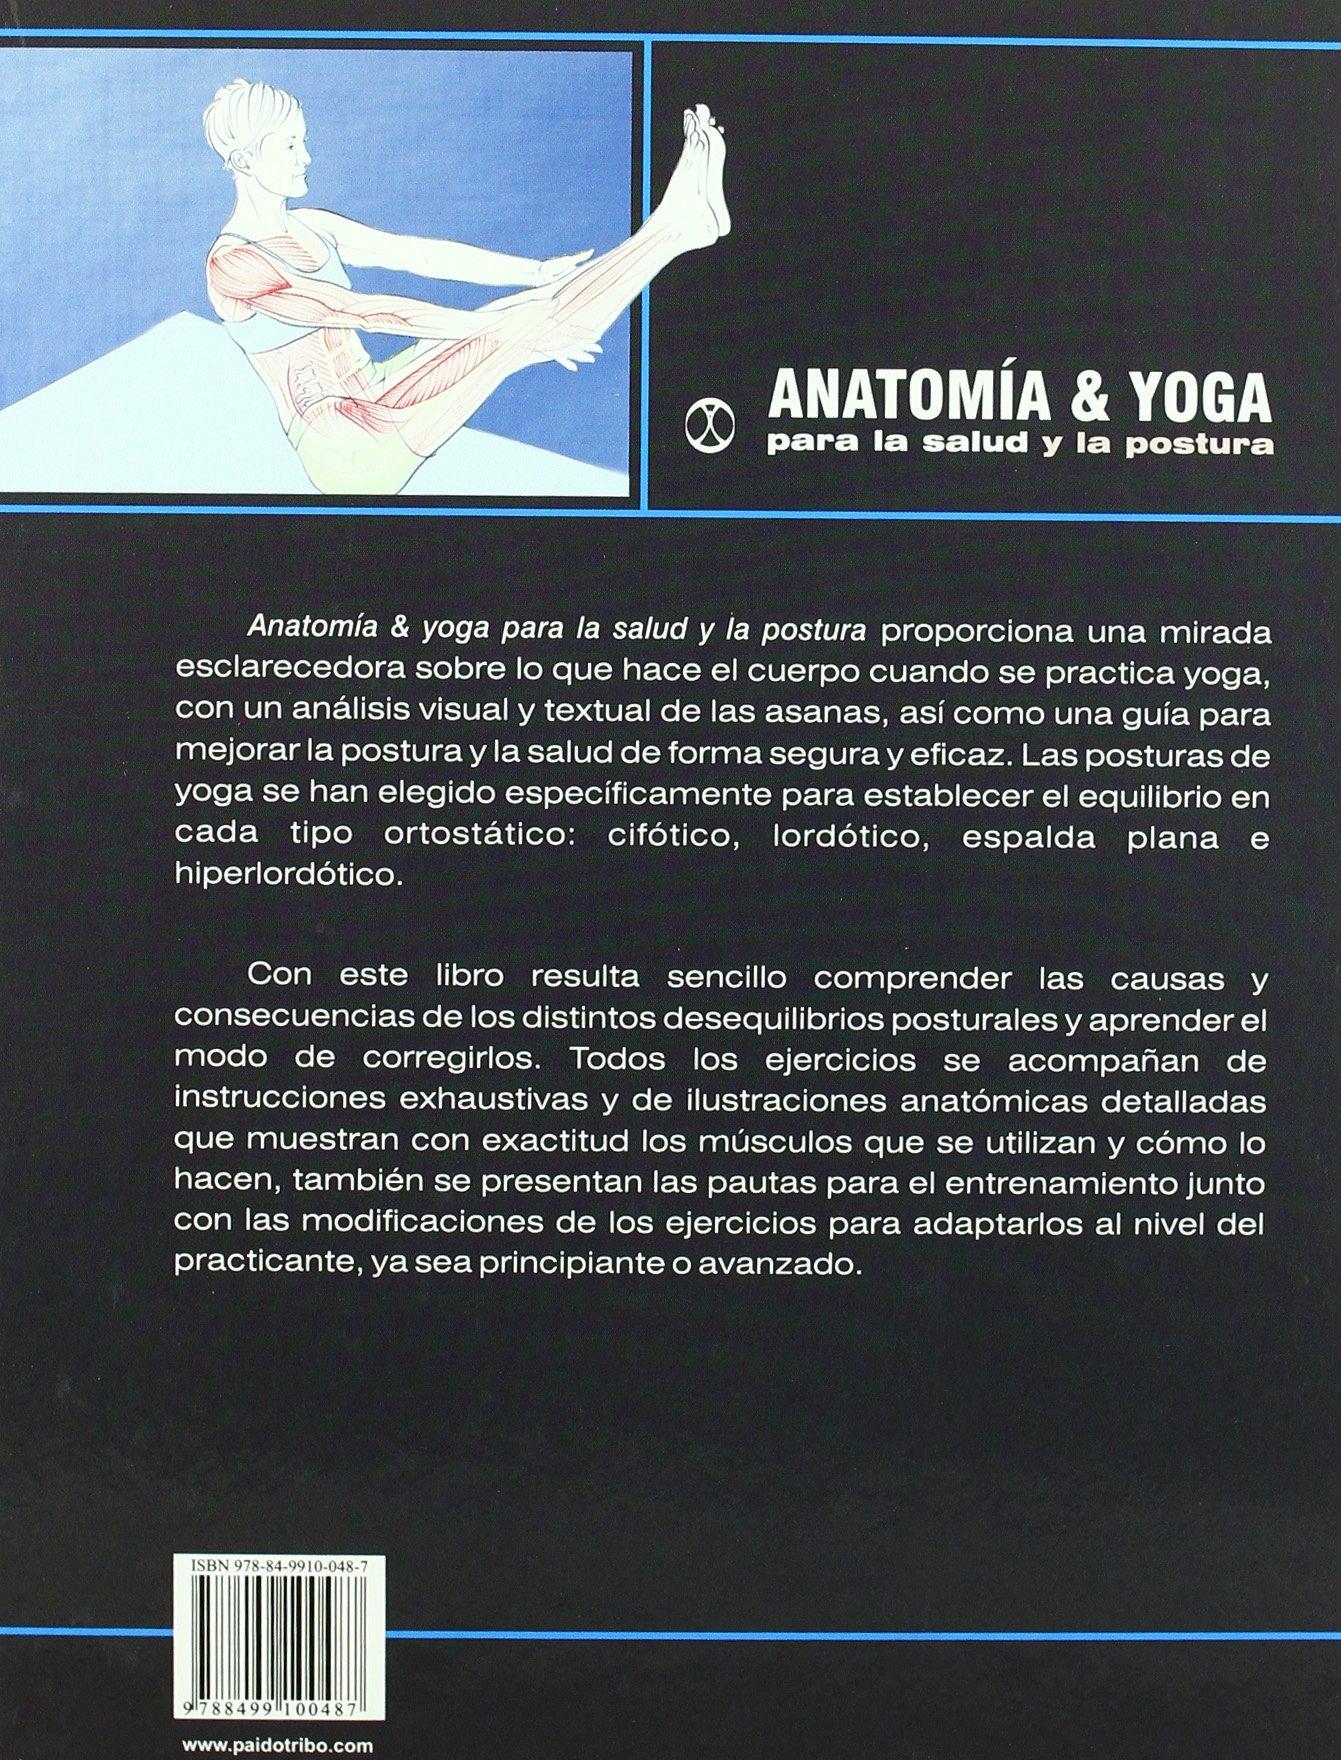 ANATOMIA A & YOGA para la salud y la postura (Carton y color ...